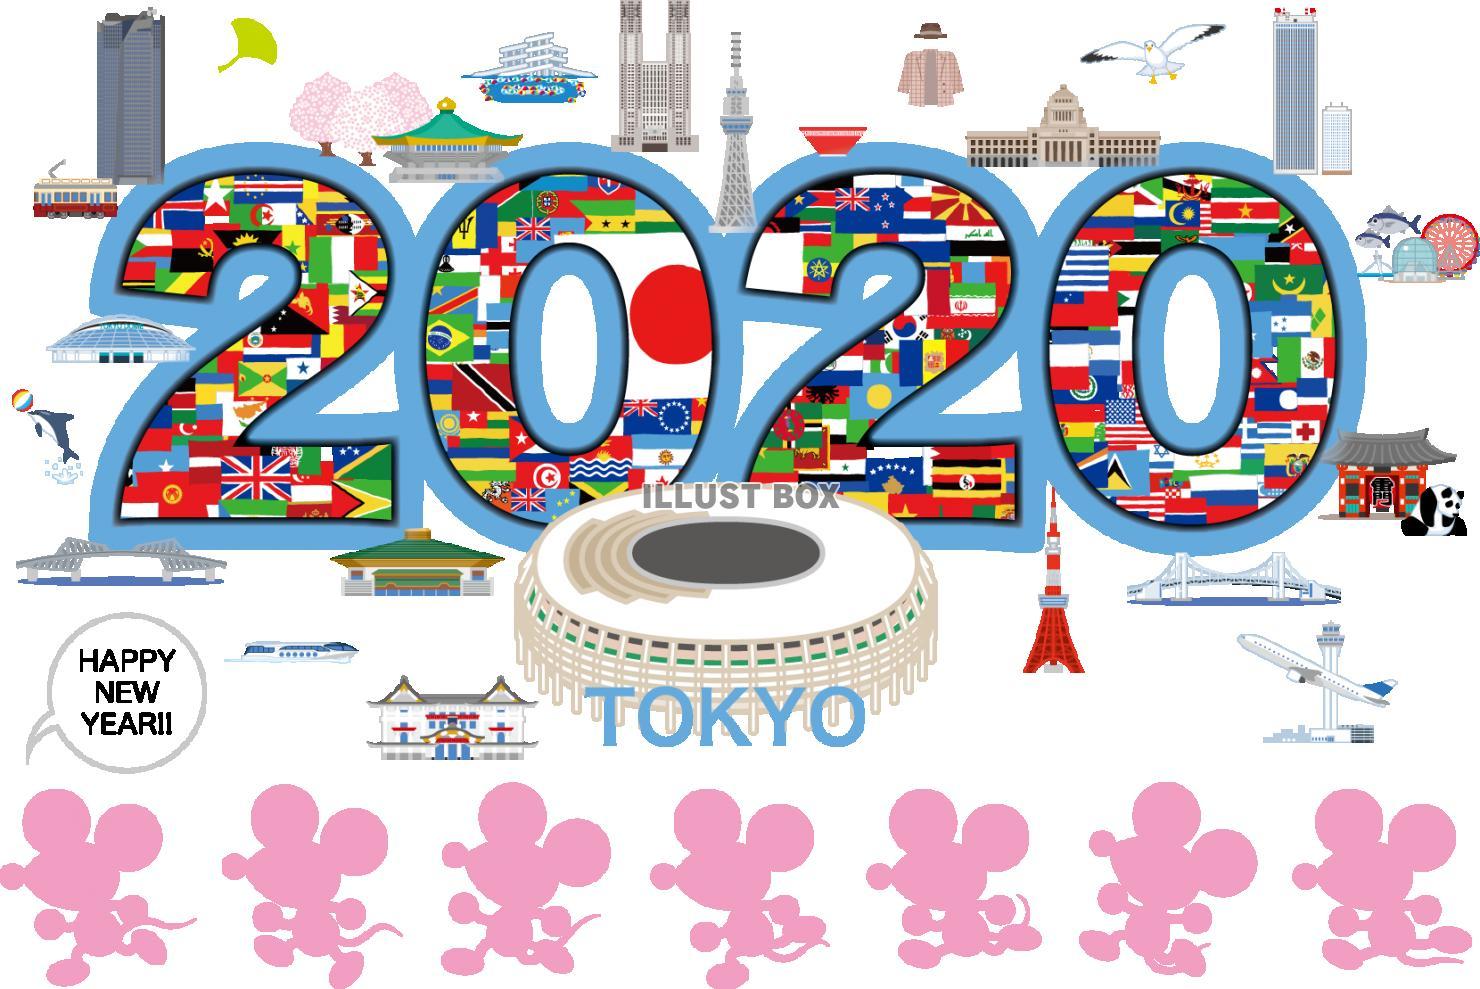 年賀状 素材 2020 無料